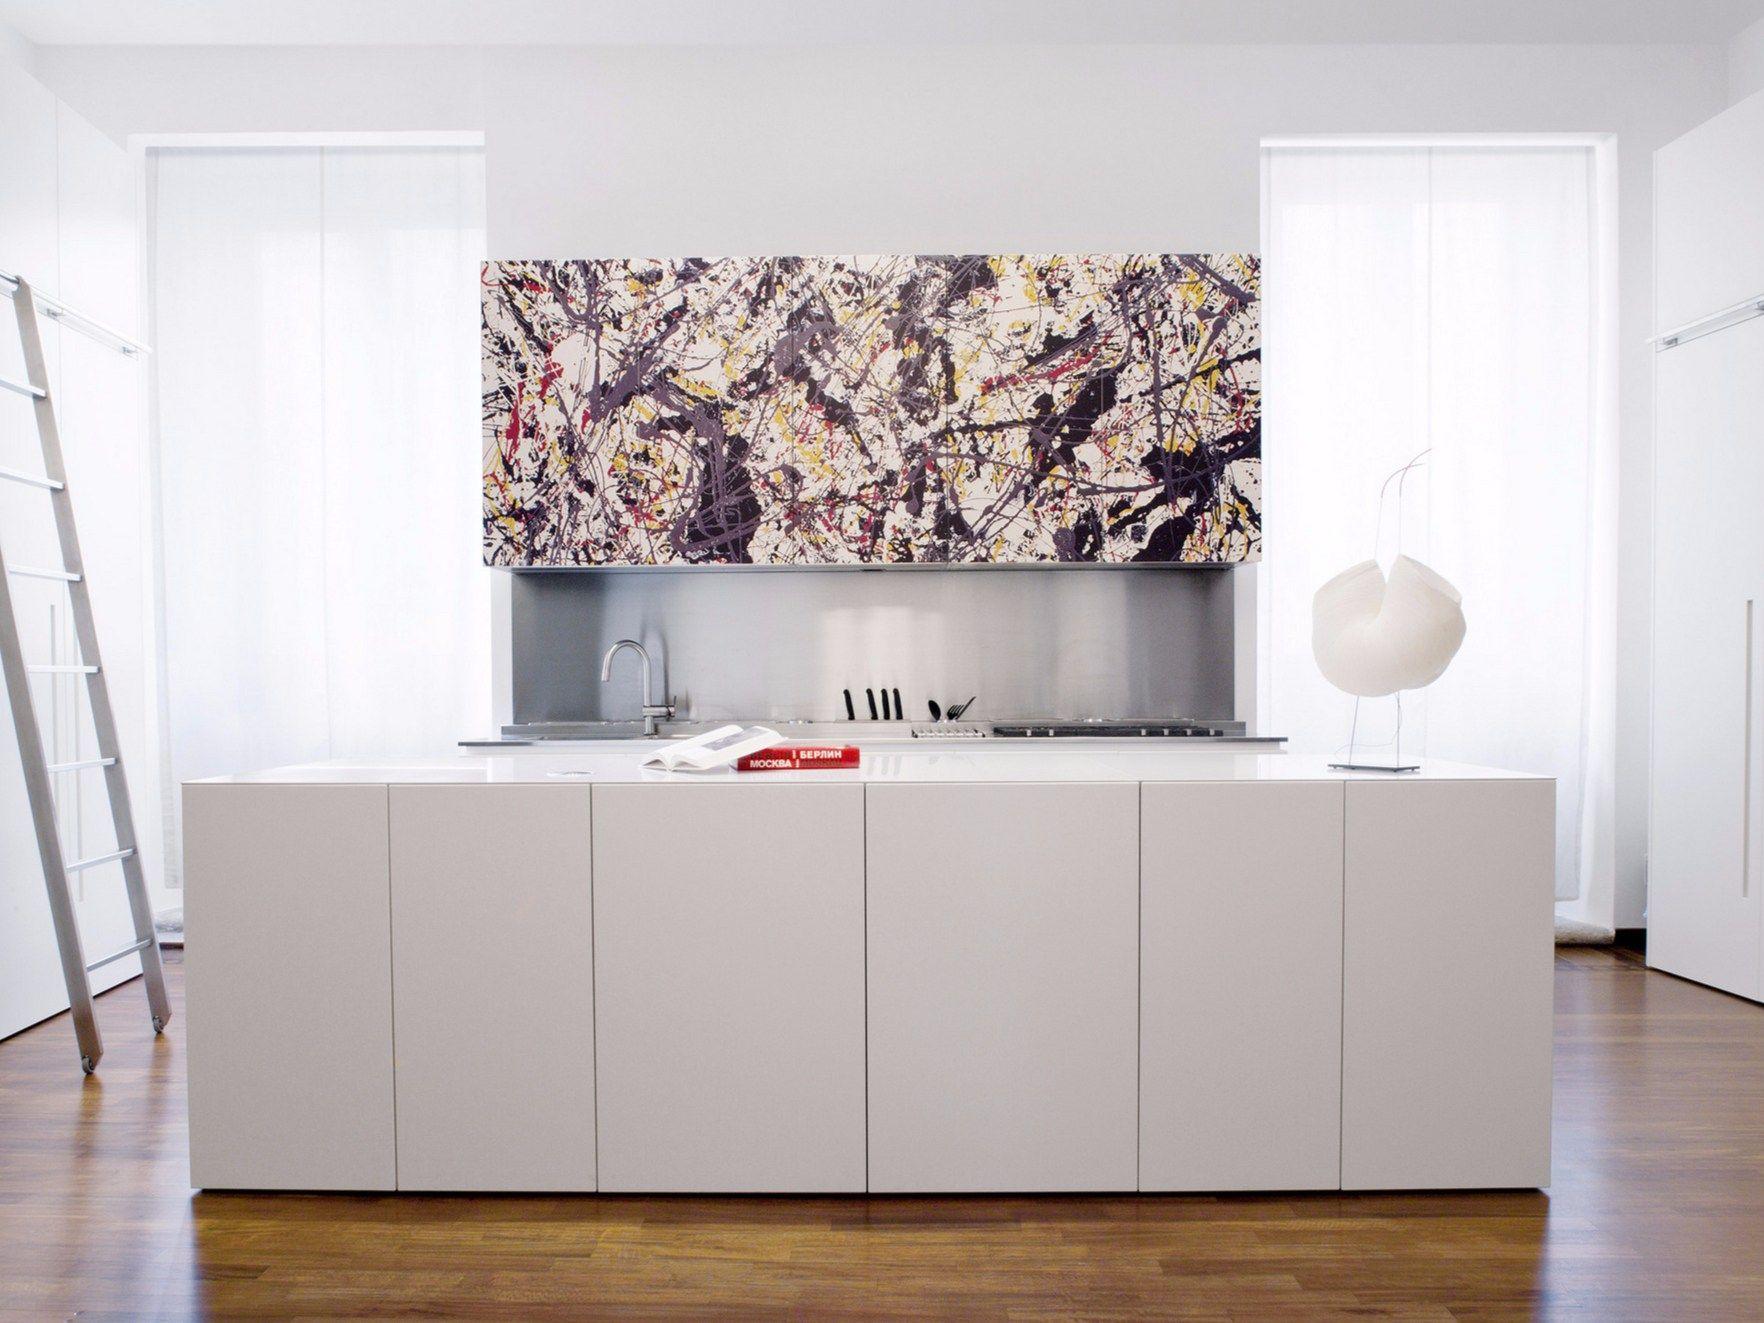 Cucina in legno by TM Italia Cucine